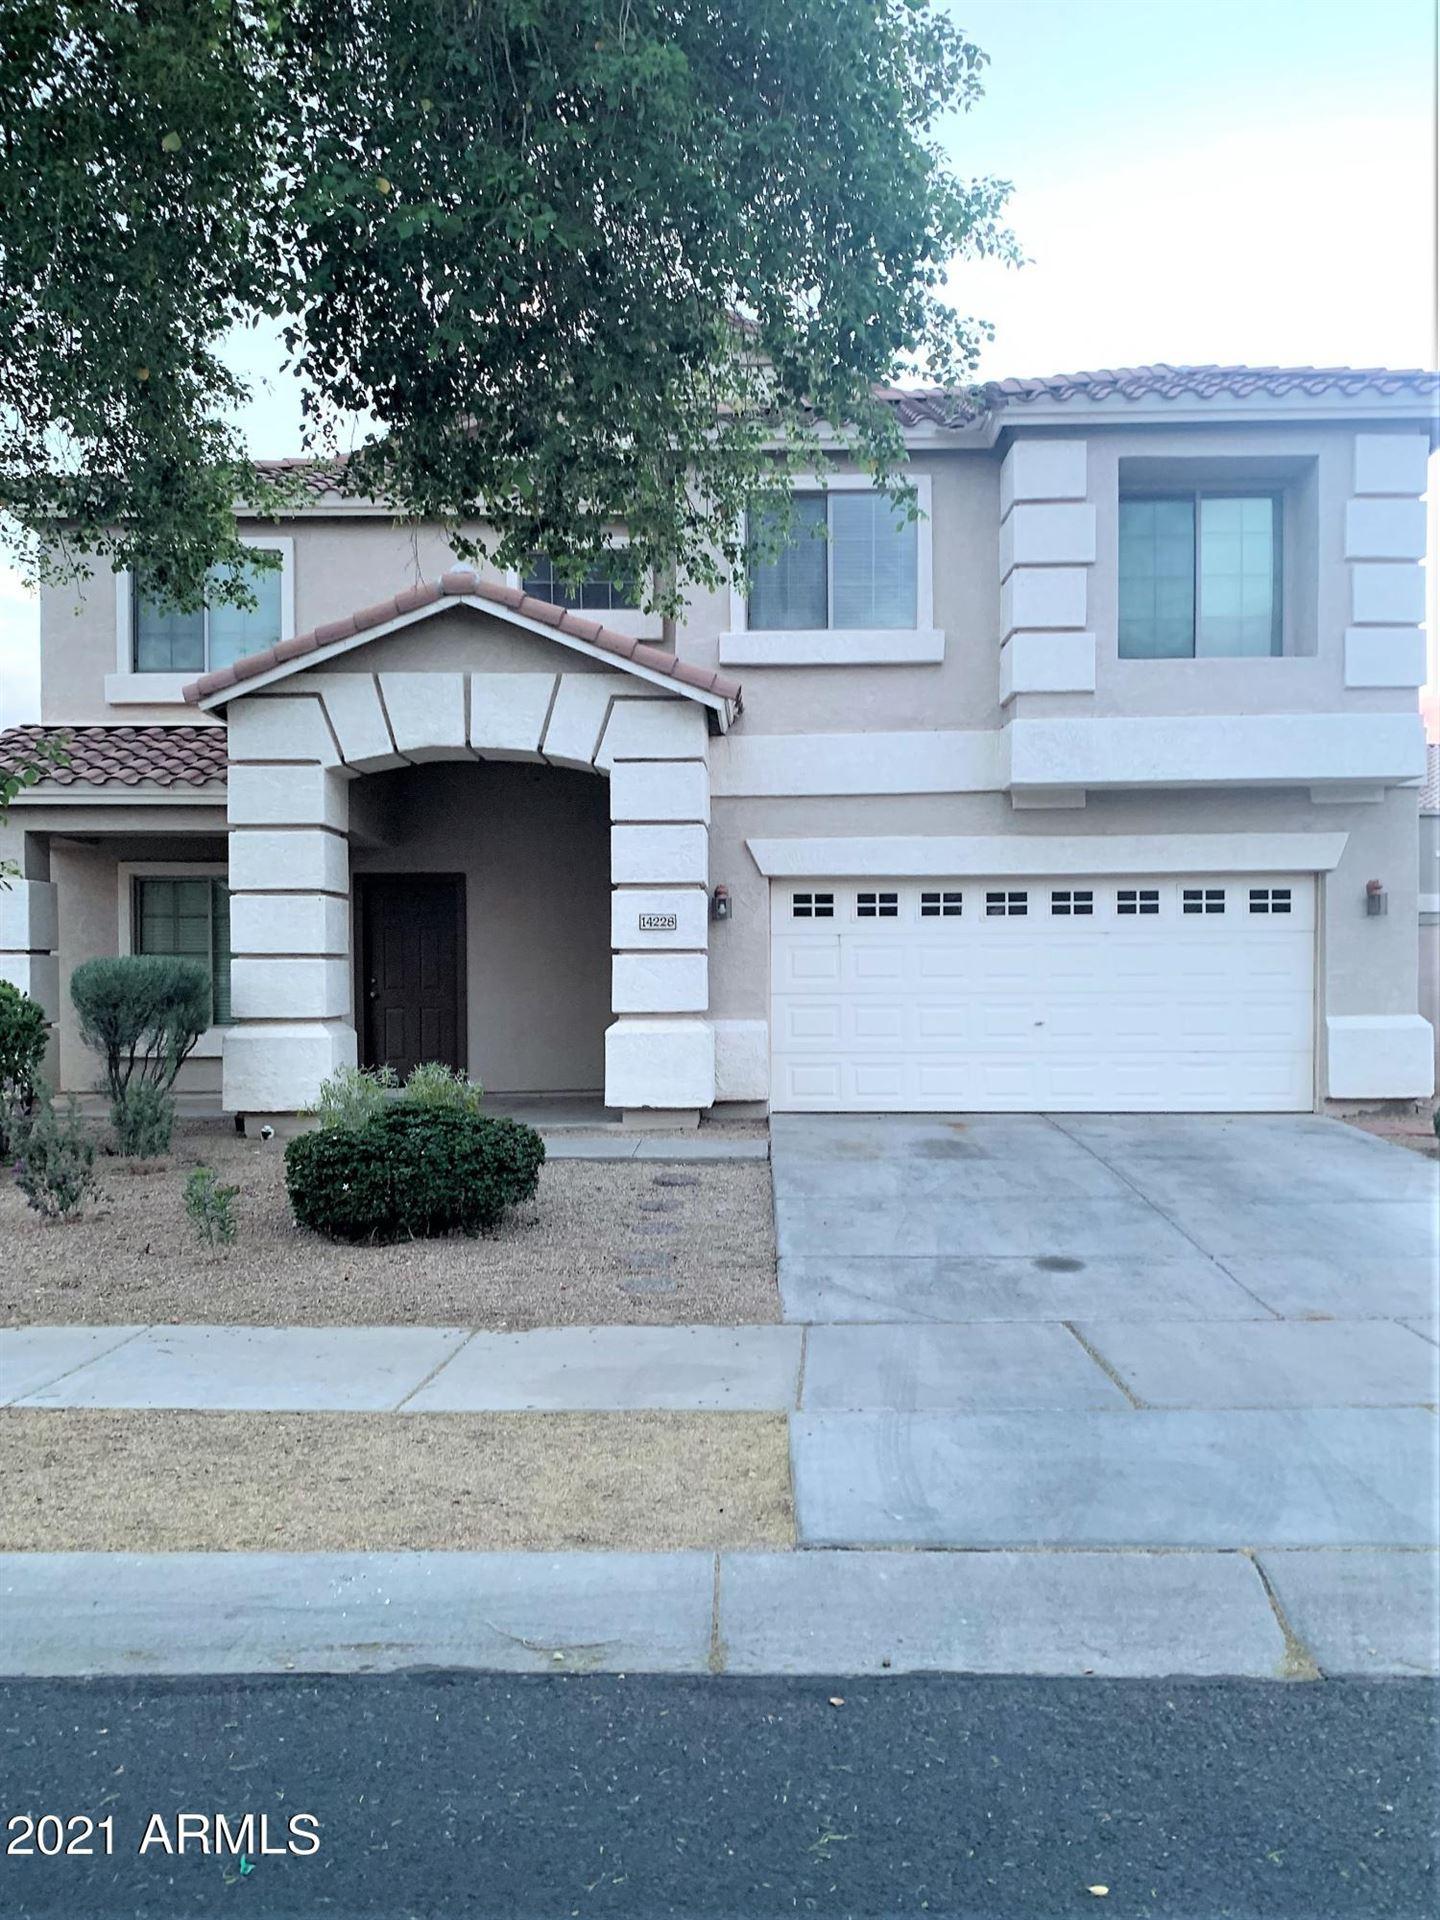 Photo of 14228 N 141ST Avenue, Surprise, AZ 85379 (MLS # 6232274)